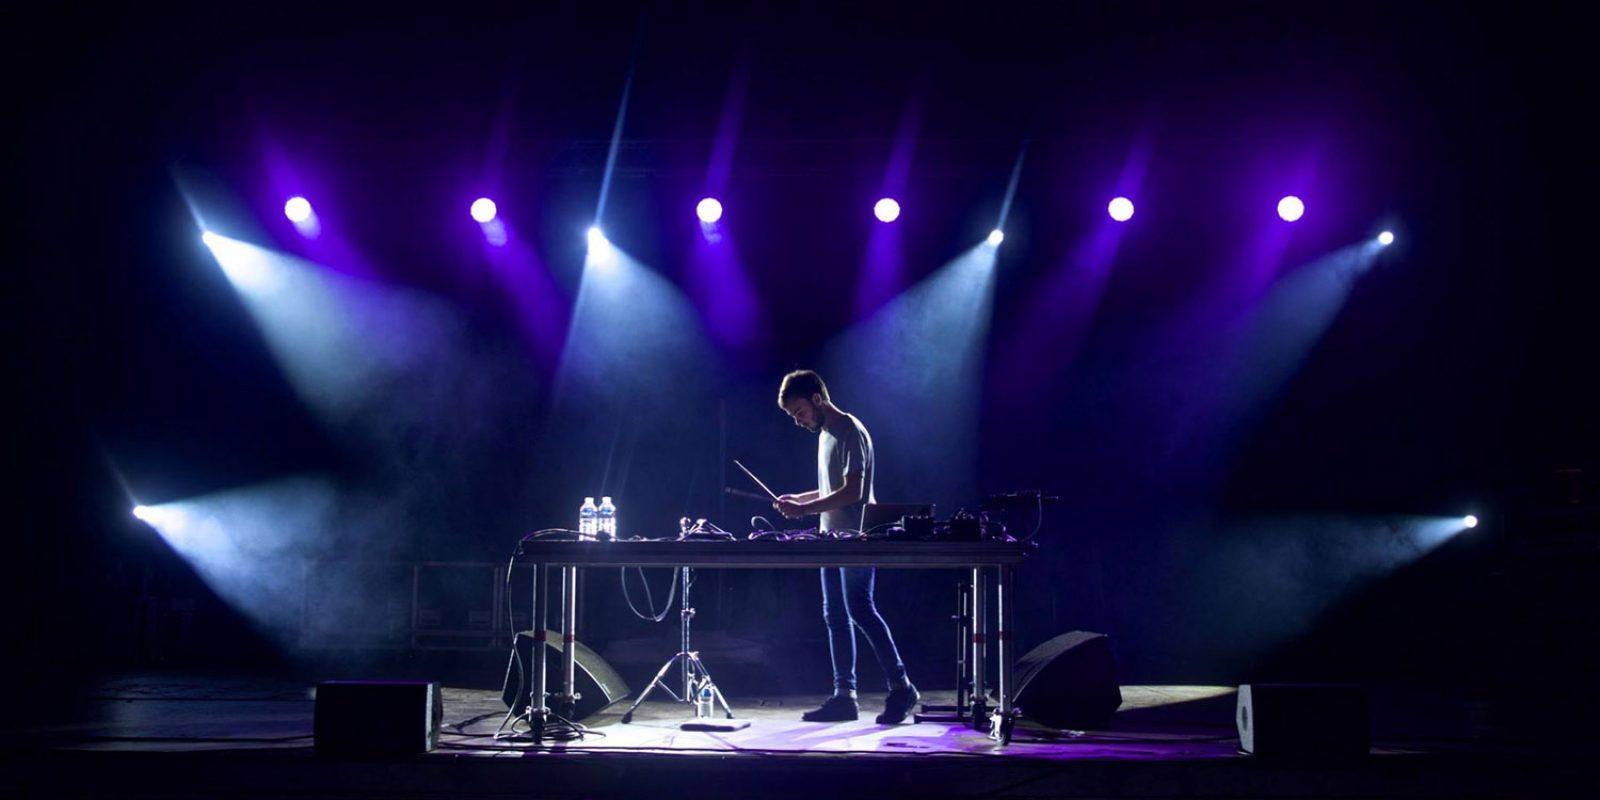 Nortnord-musique-electronique-Bordeaux-photo-Nicolas-Hoeffner